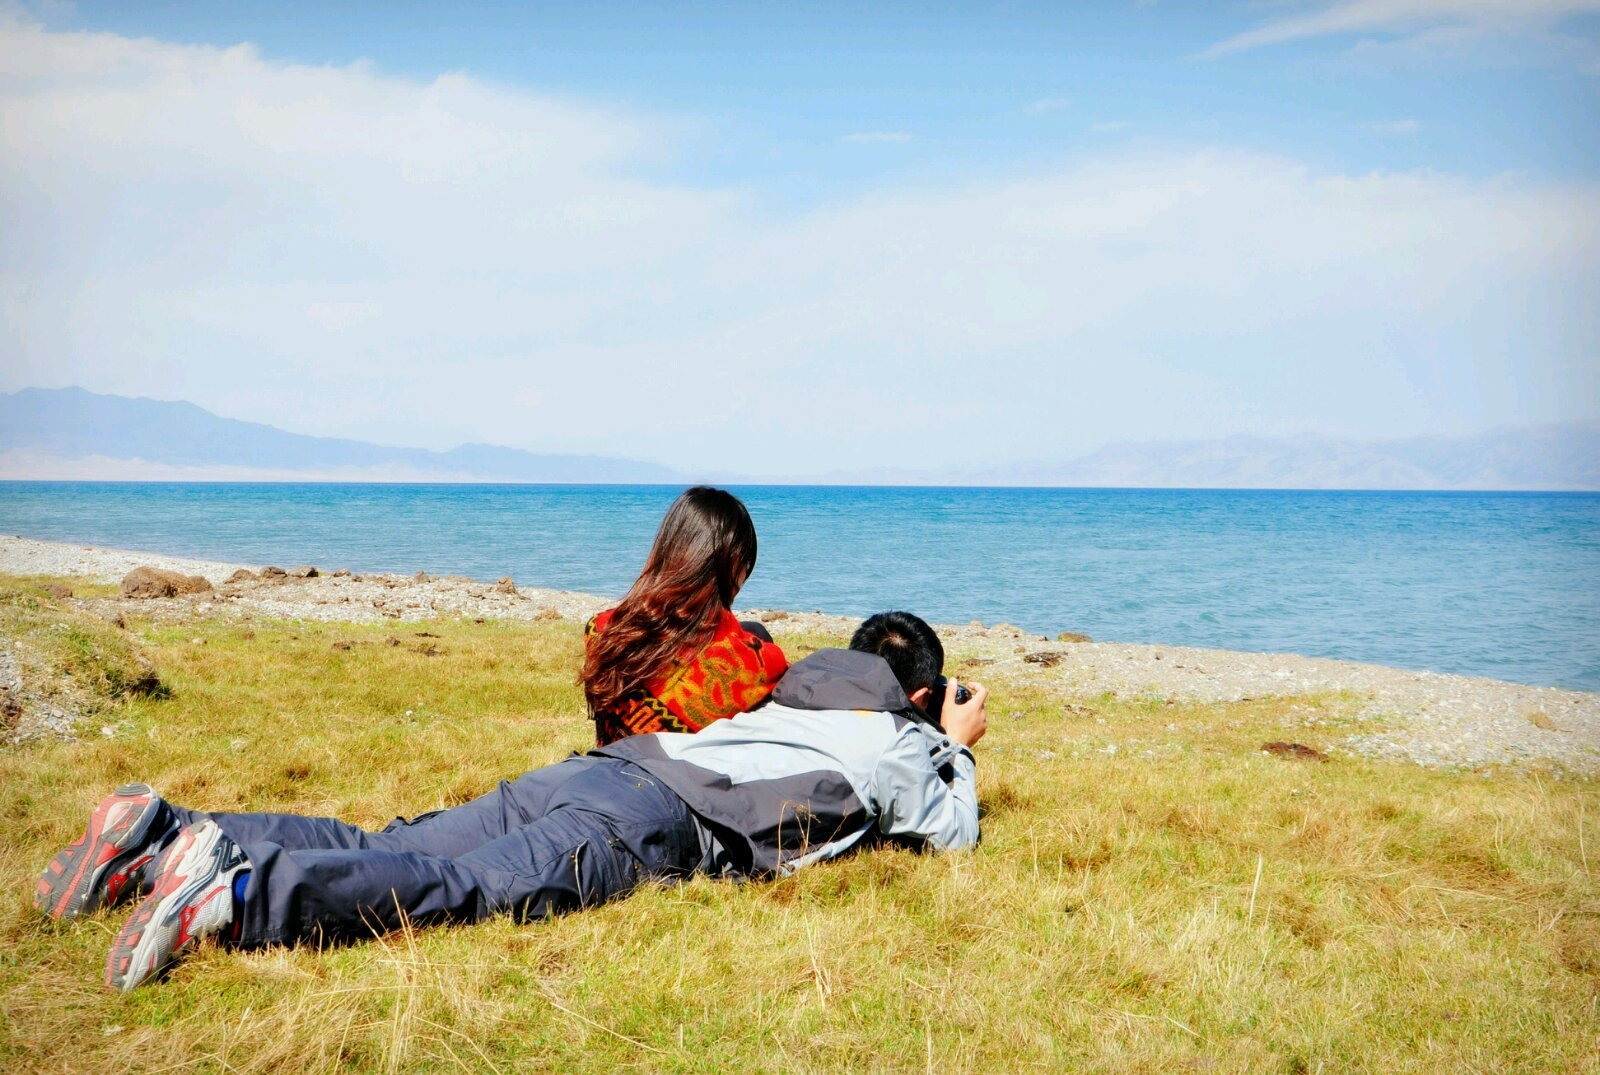 导游介绍说赛里木湖是靠周边的高山雪水和泉水历经